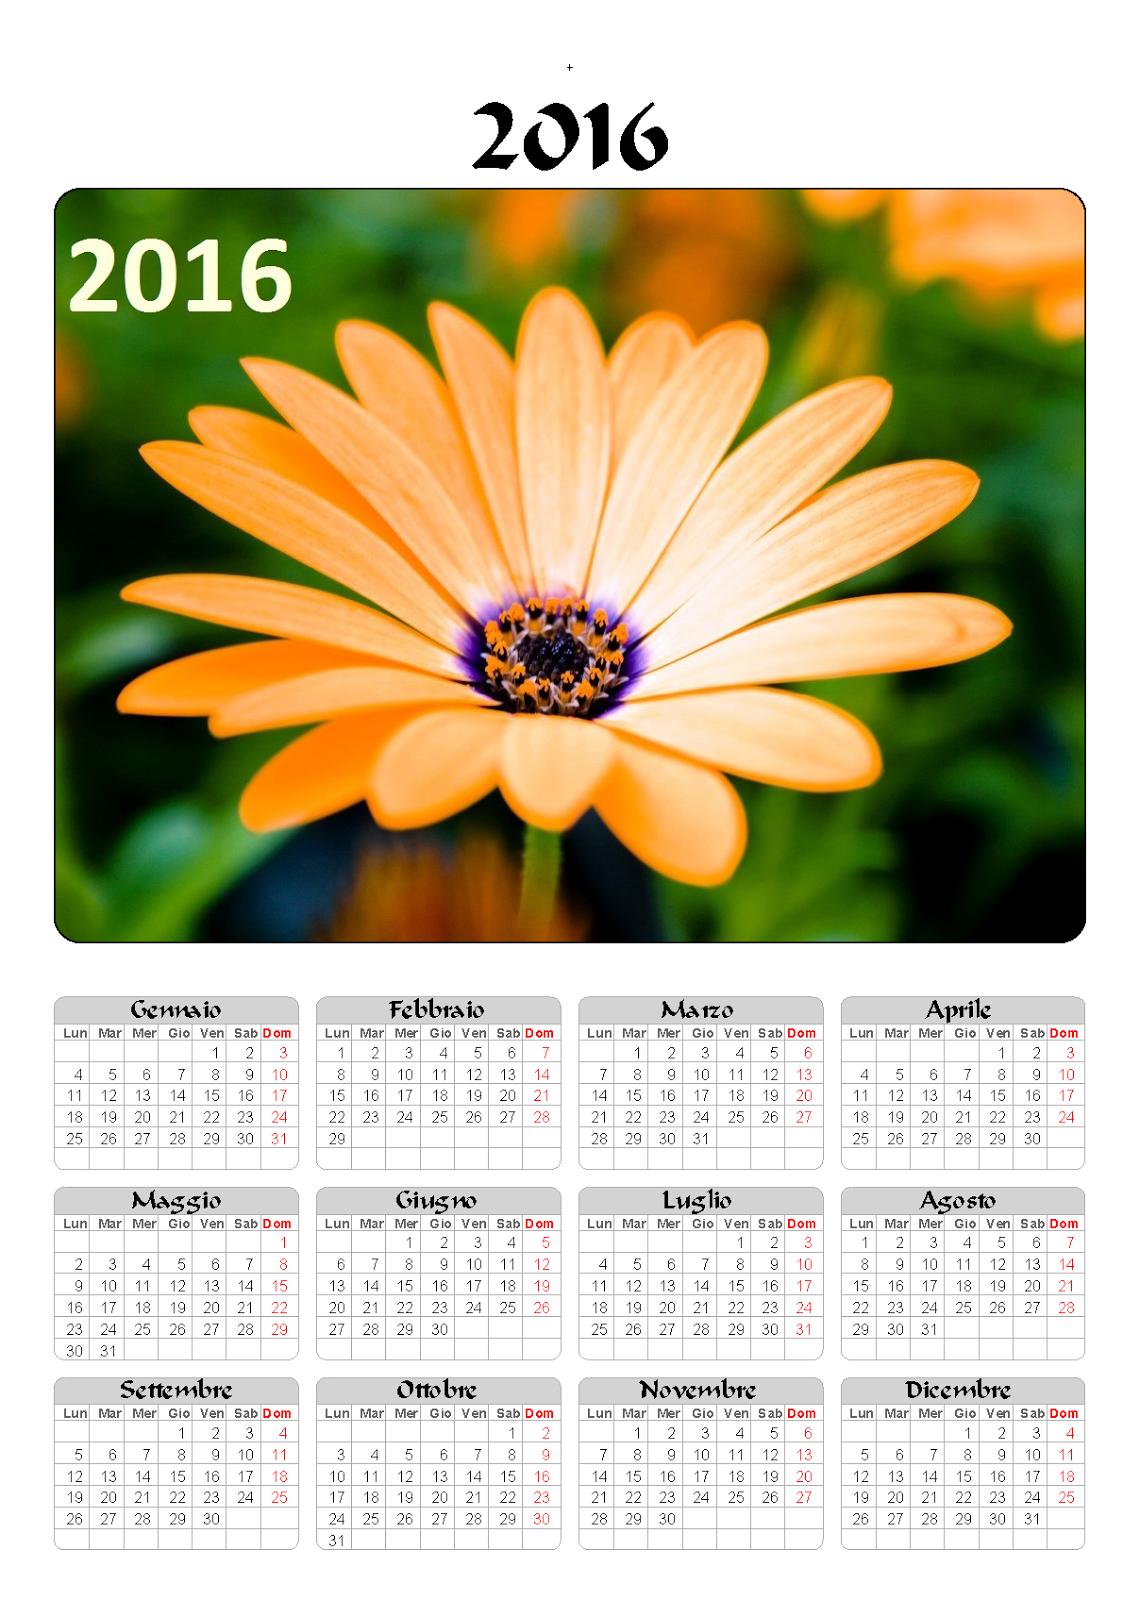 calendario 2016 - fiori